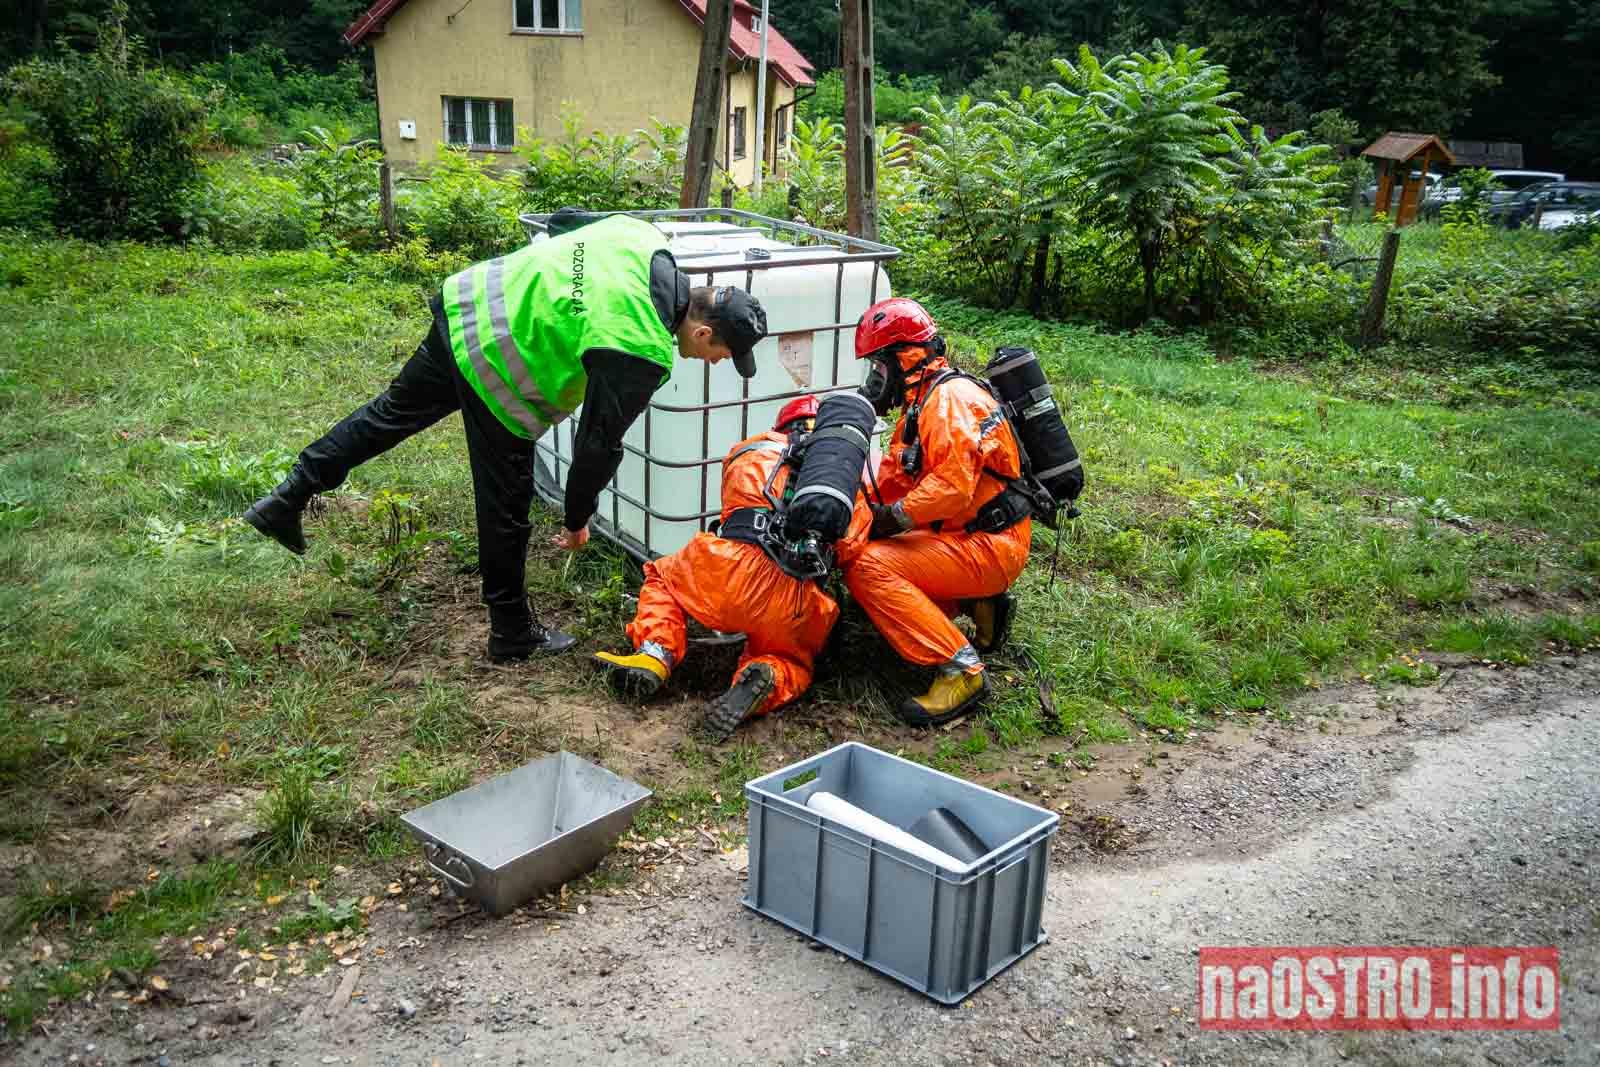 NaOSTROinfo Ćwiczenia Straży Pożarnej-54